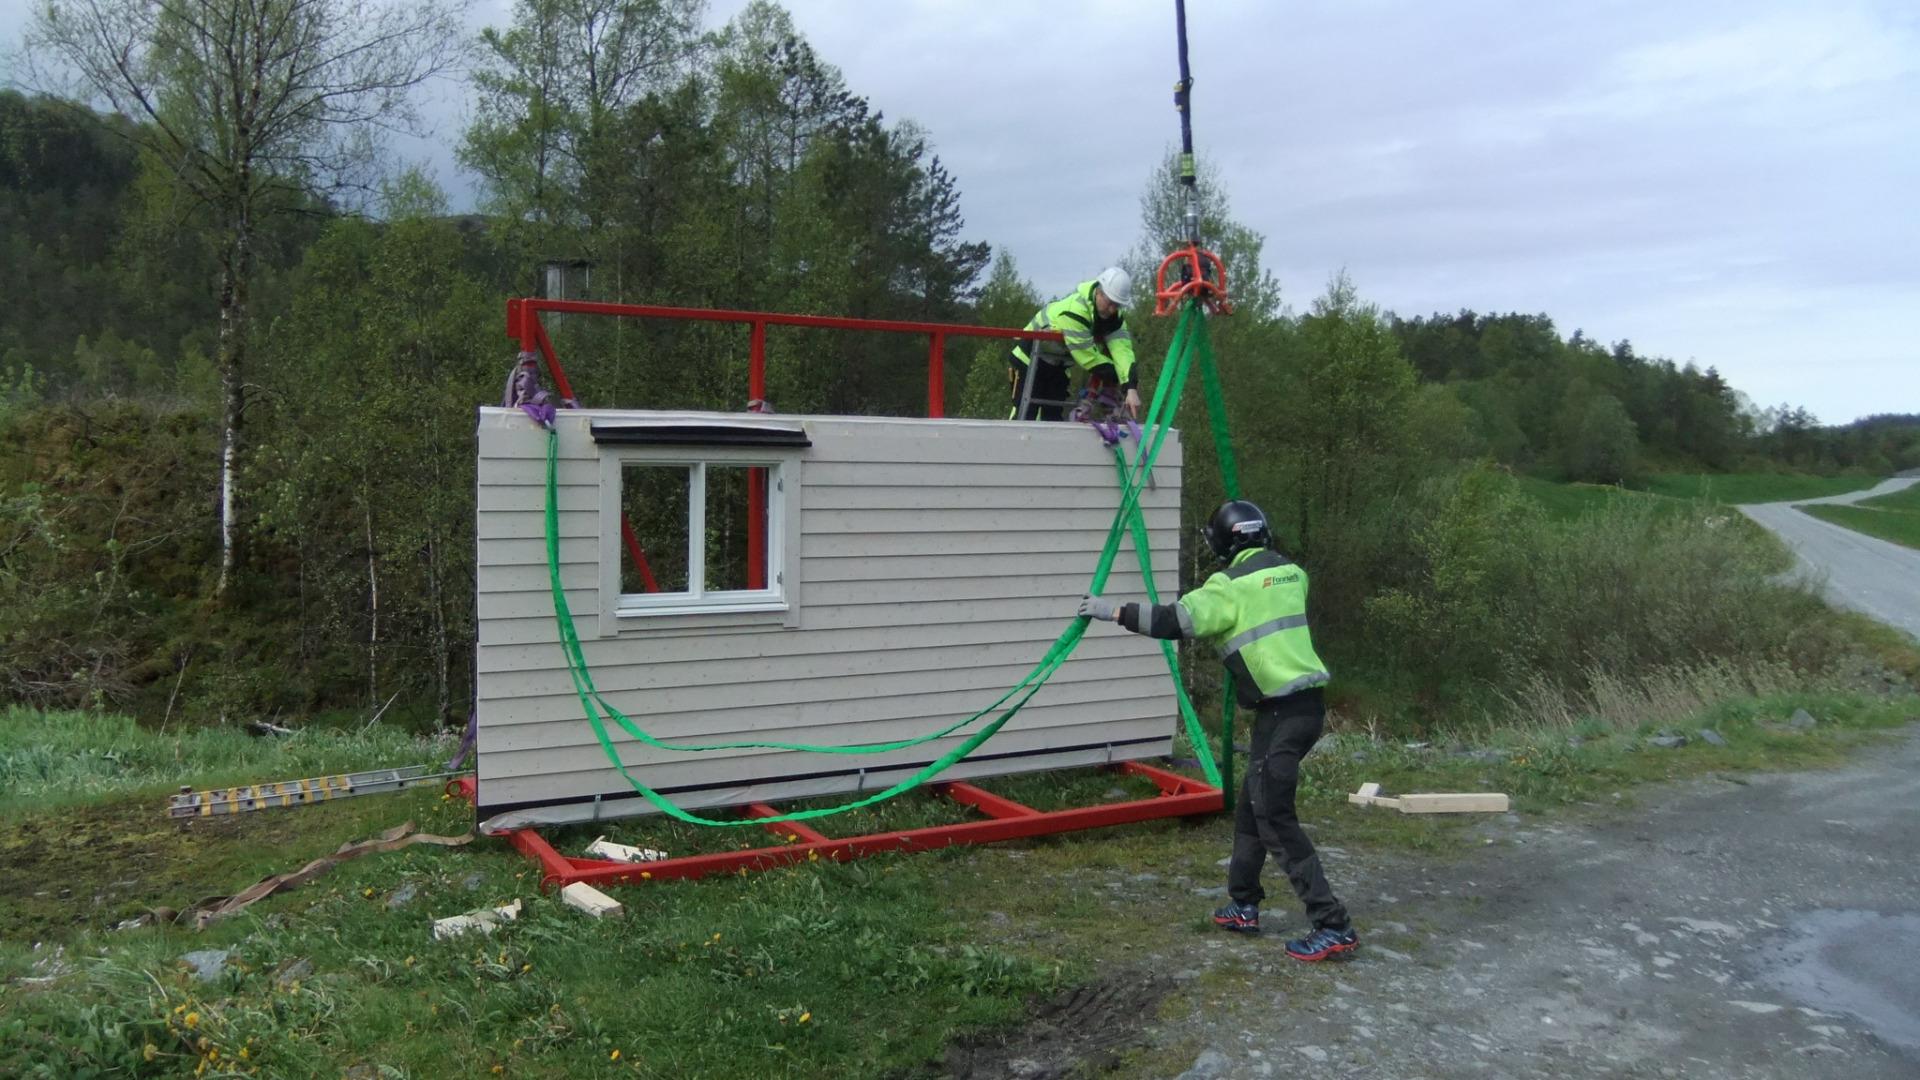 Bygge hytte på fjellet?